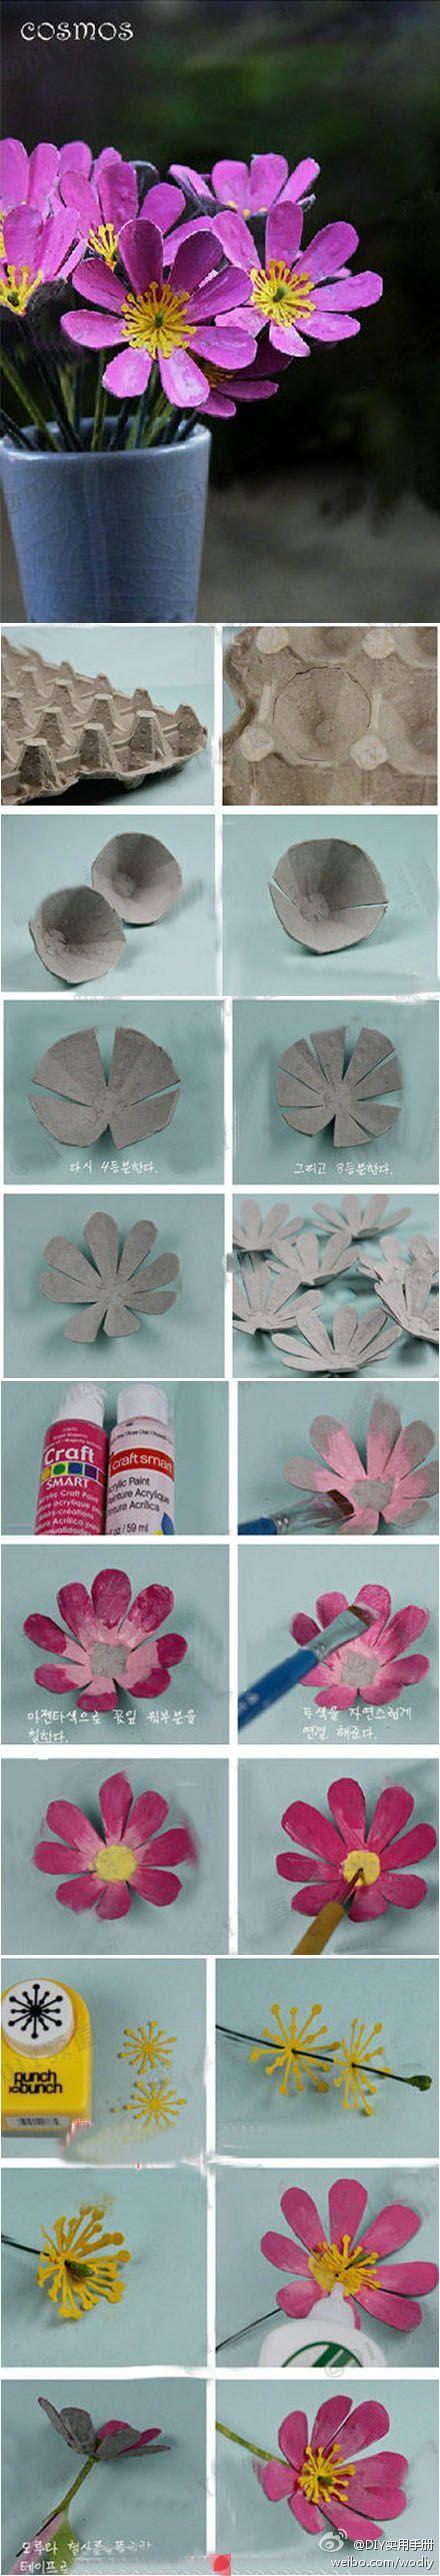 Blumen mit Eierkartons / Flores con hueveras